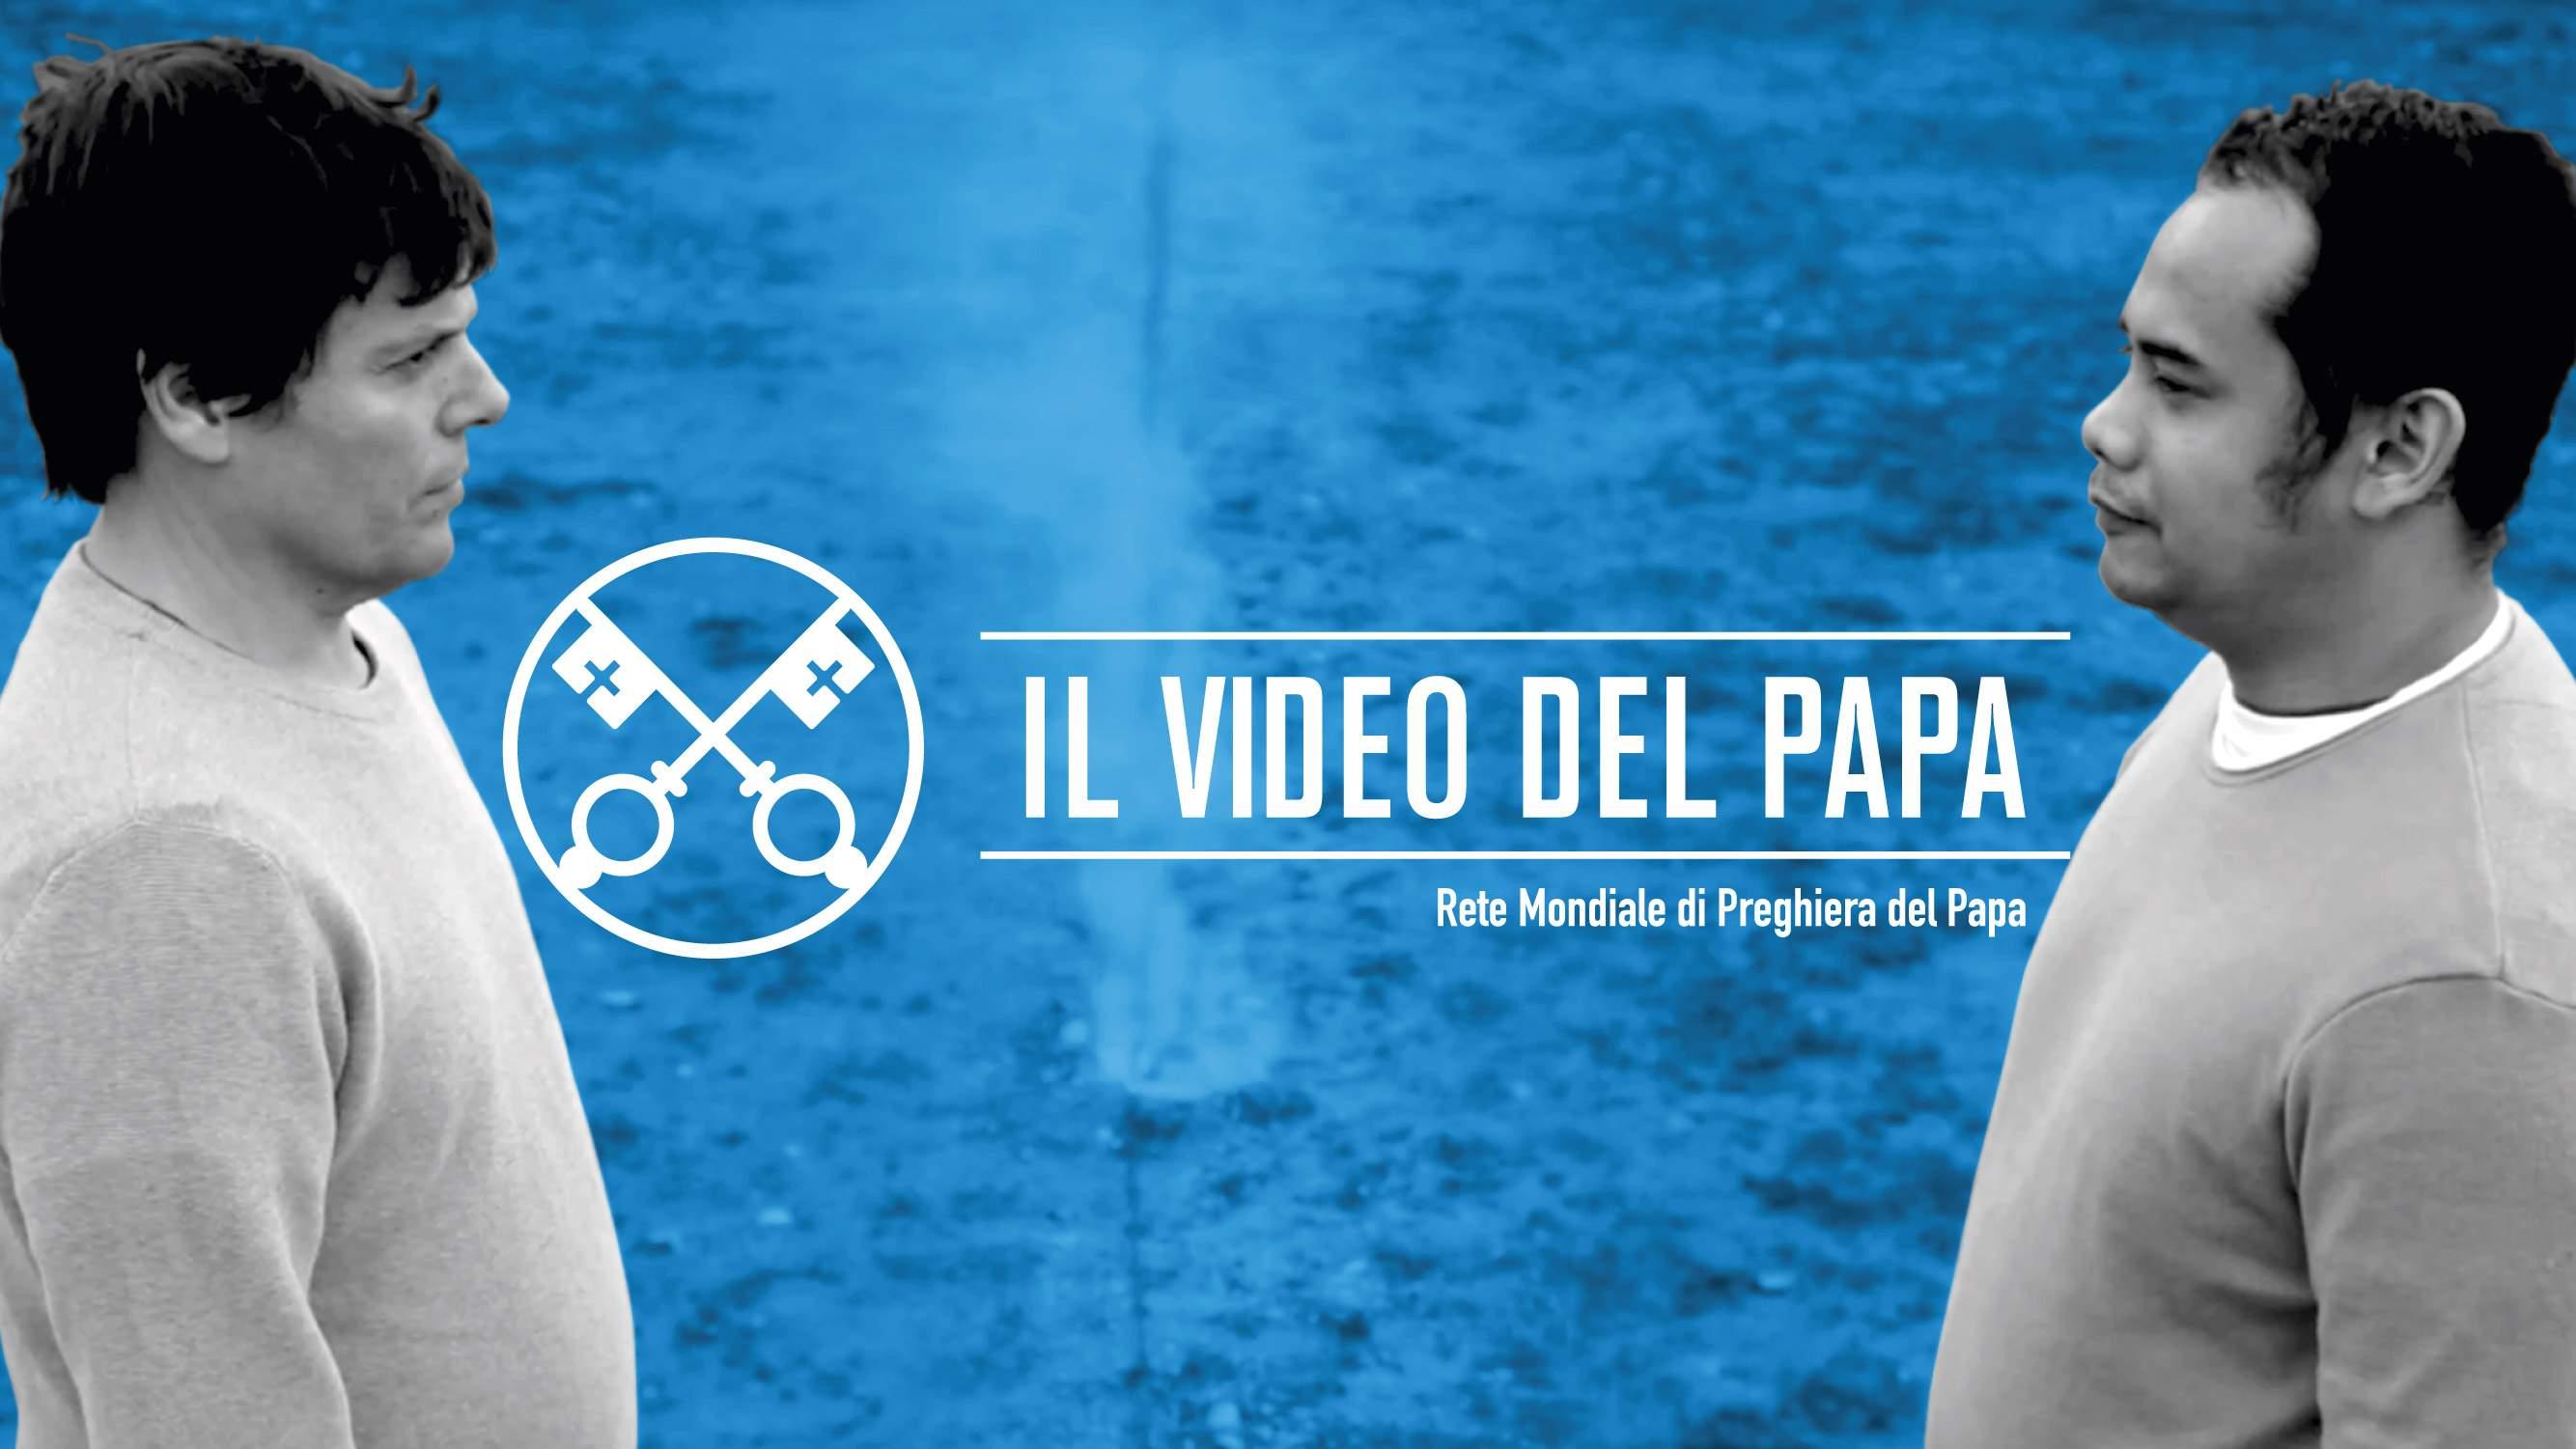 Official Image - TPV 1 2020 IT - Il Video del Papa - Promozione della pace nel mondo